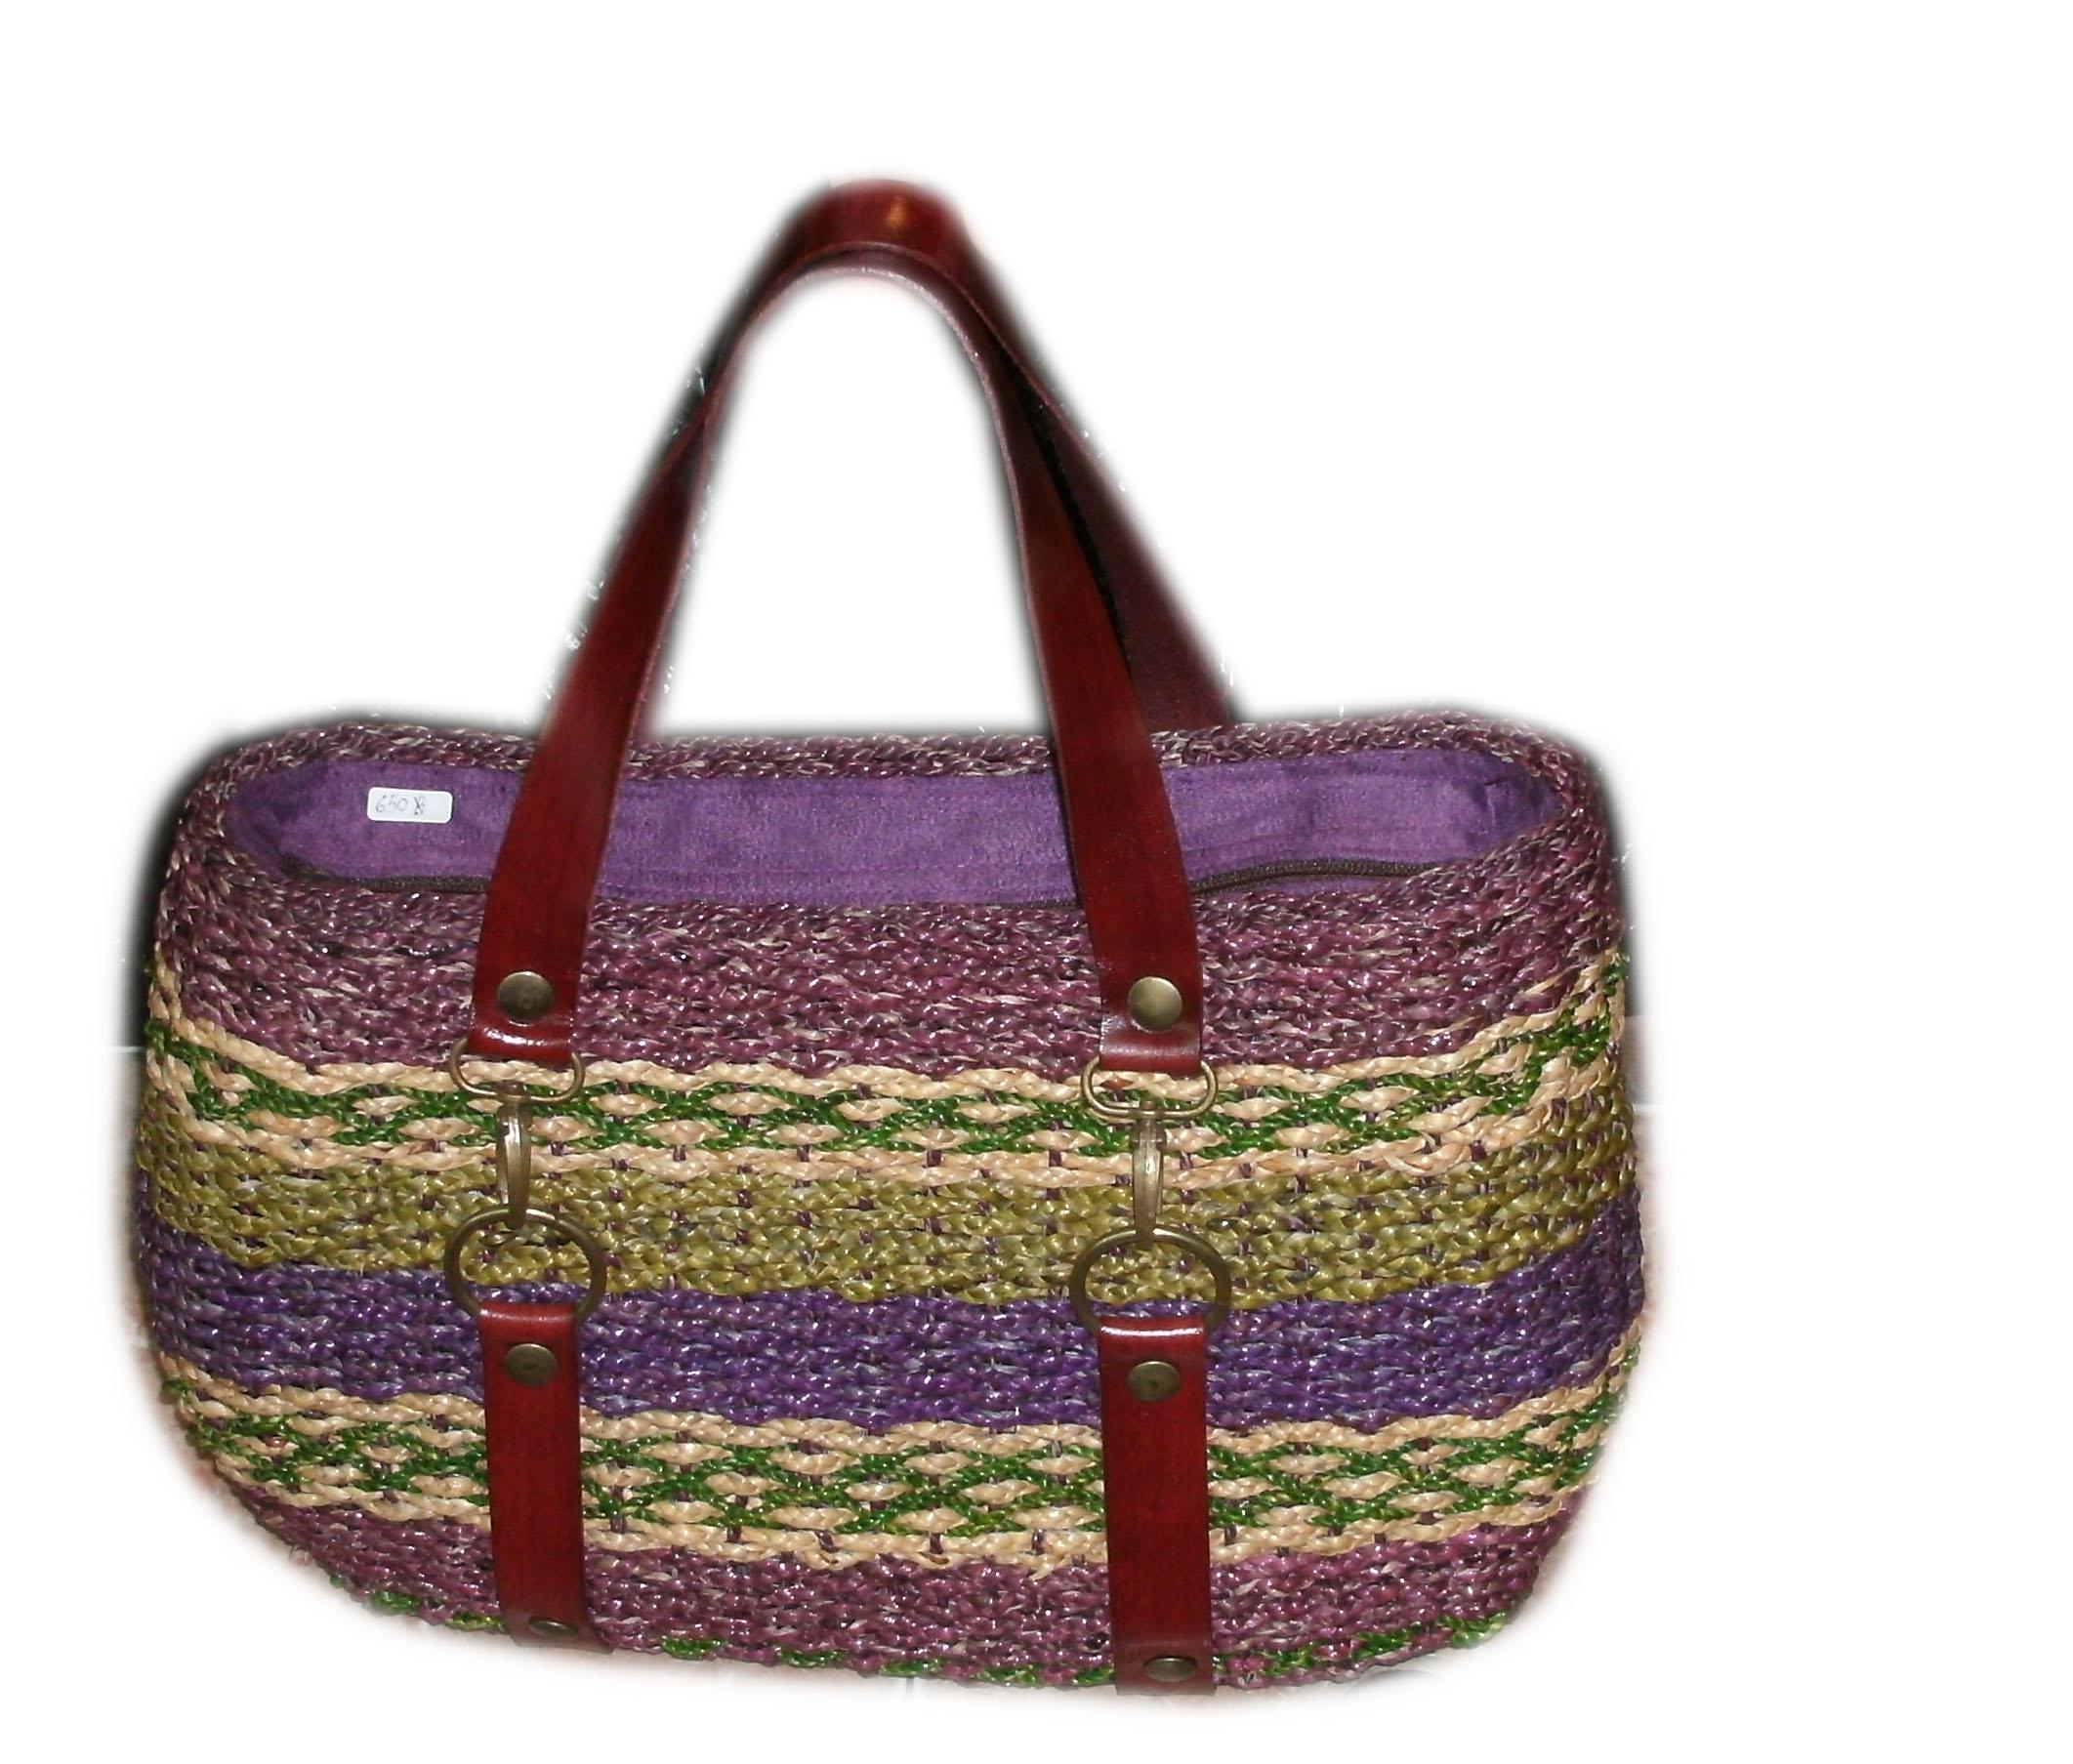 Hyacinth Bag-PPS Bag brand 20